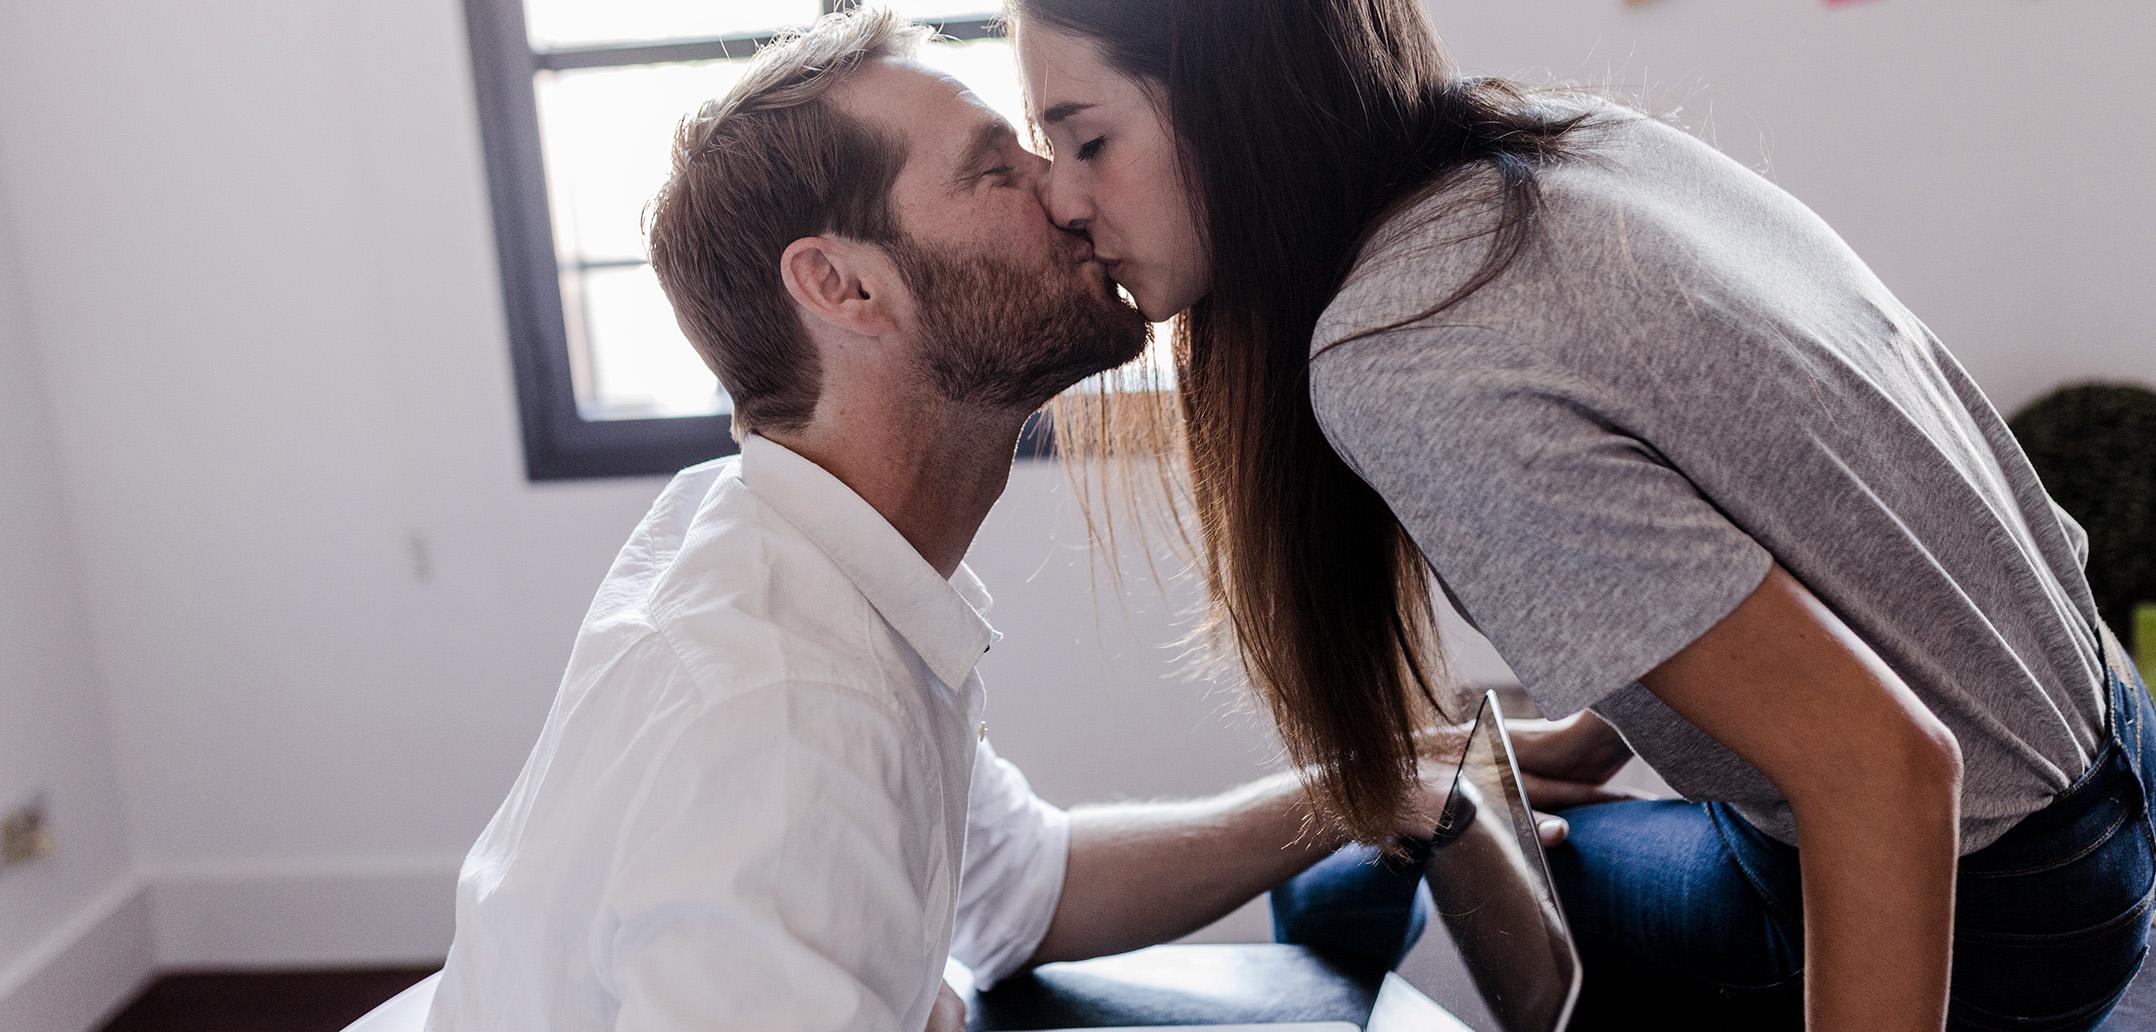 Paar küsst sich liebevoll, während er am Laptop arbeitet